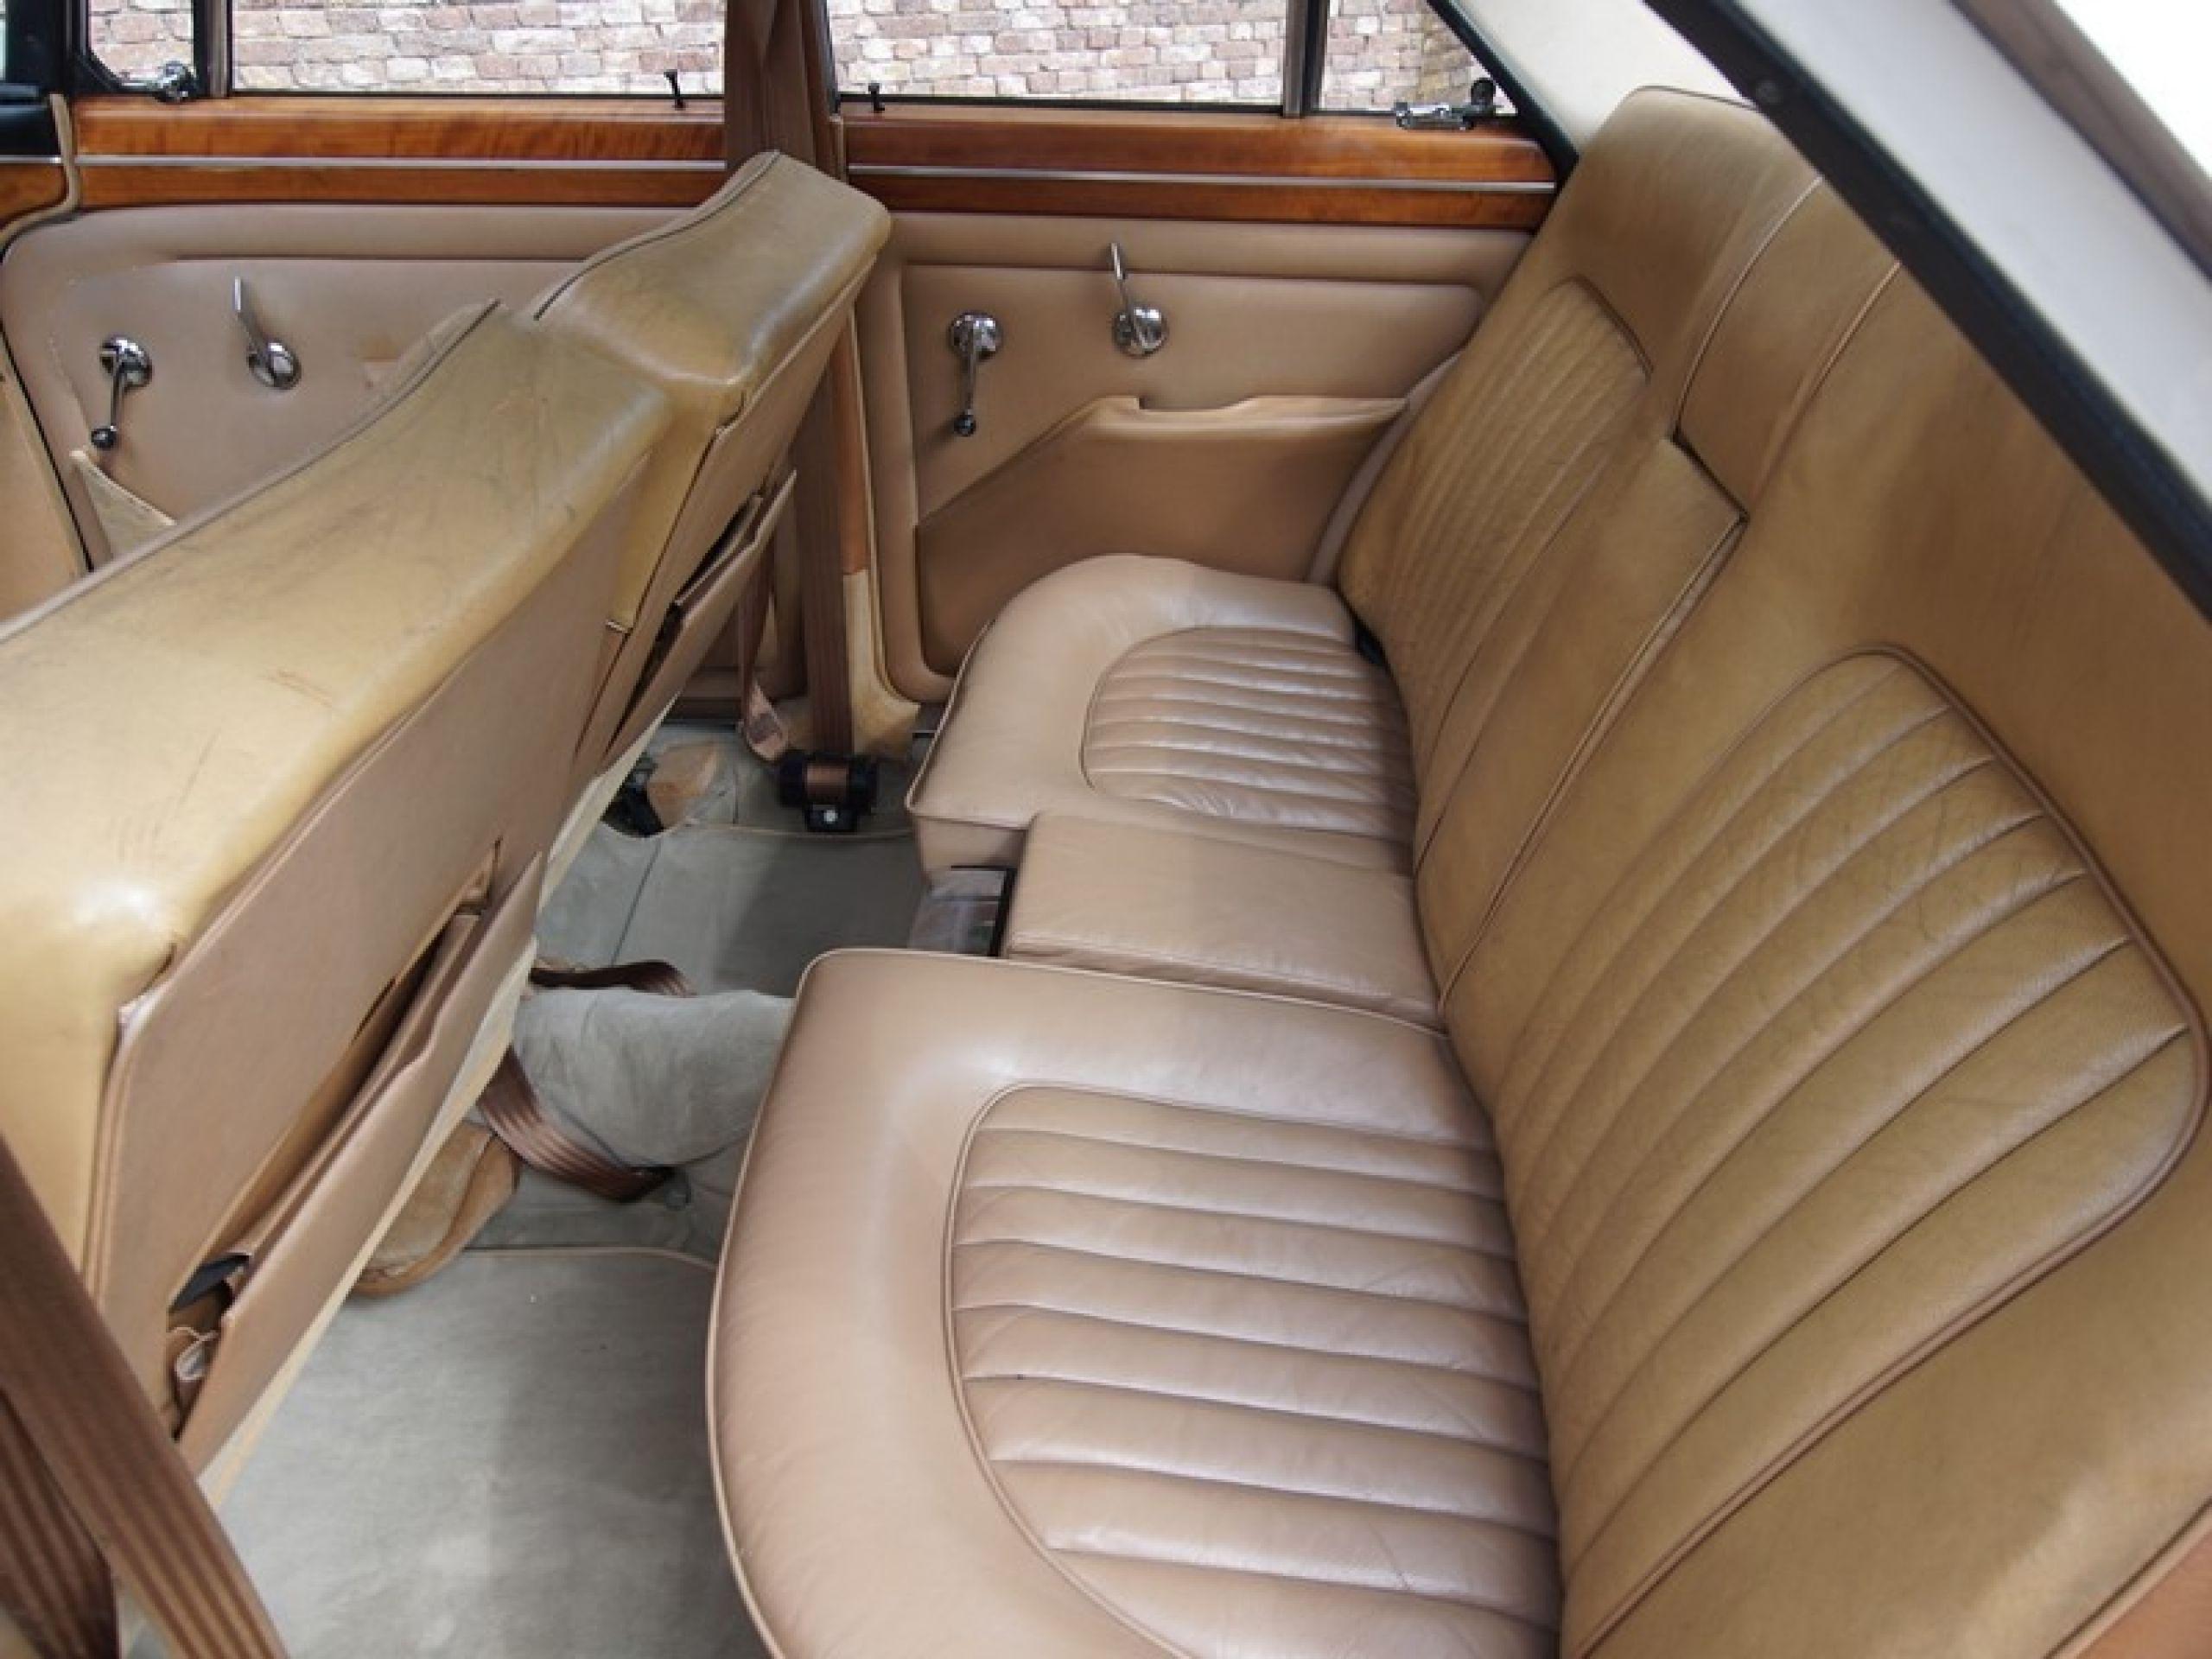 ROVER P5 3.0 LITRE MK2 SWISS CAR, HIGHLY ORIGINAL CONDITION! (1966)